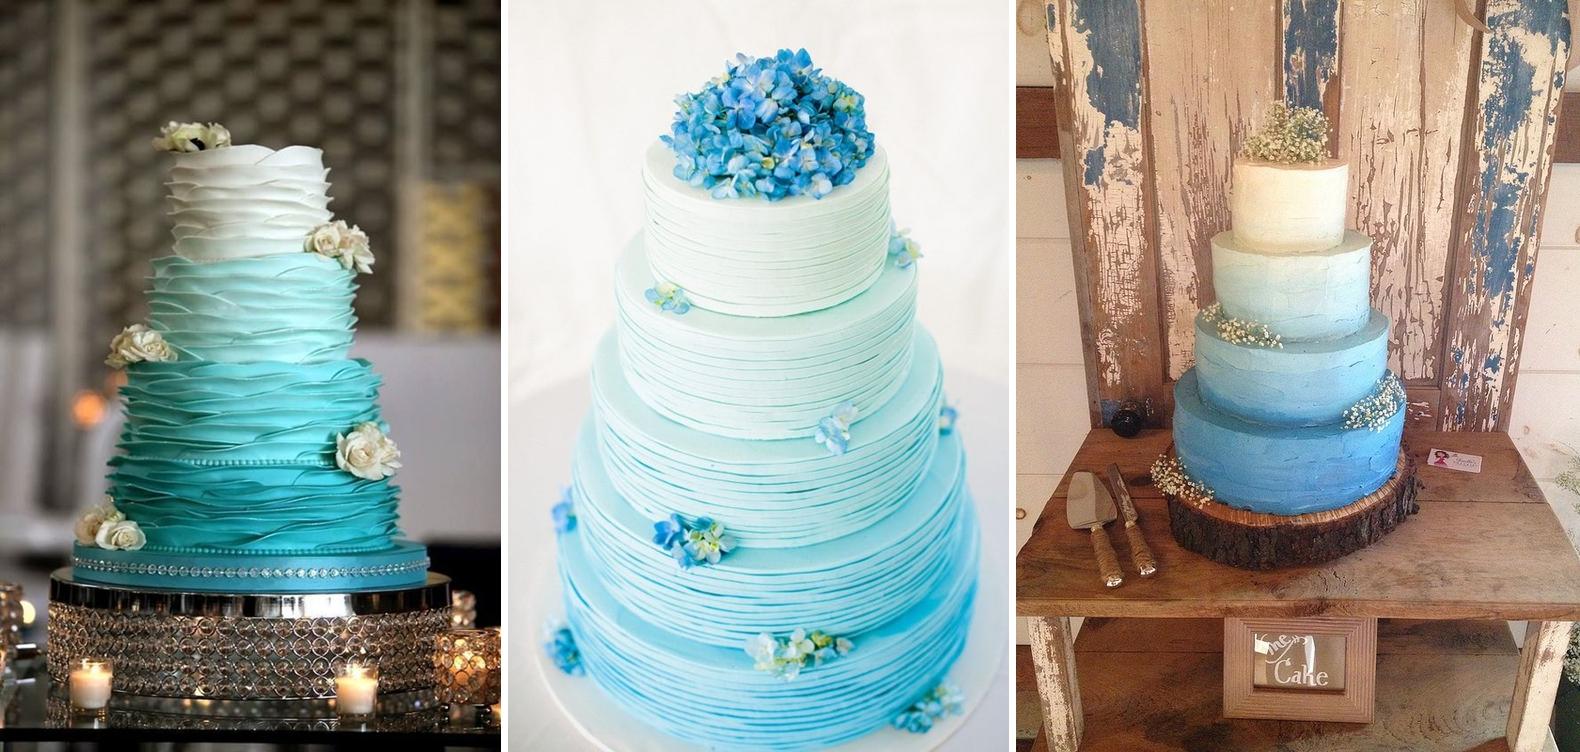 Idei tort pentru o nunta ombre in nuante de albastru